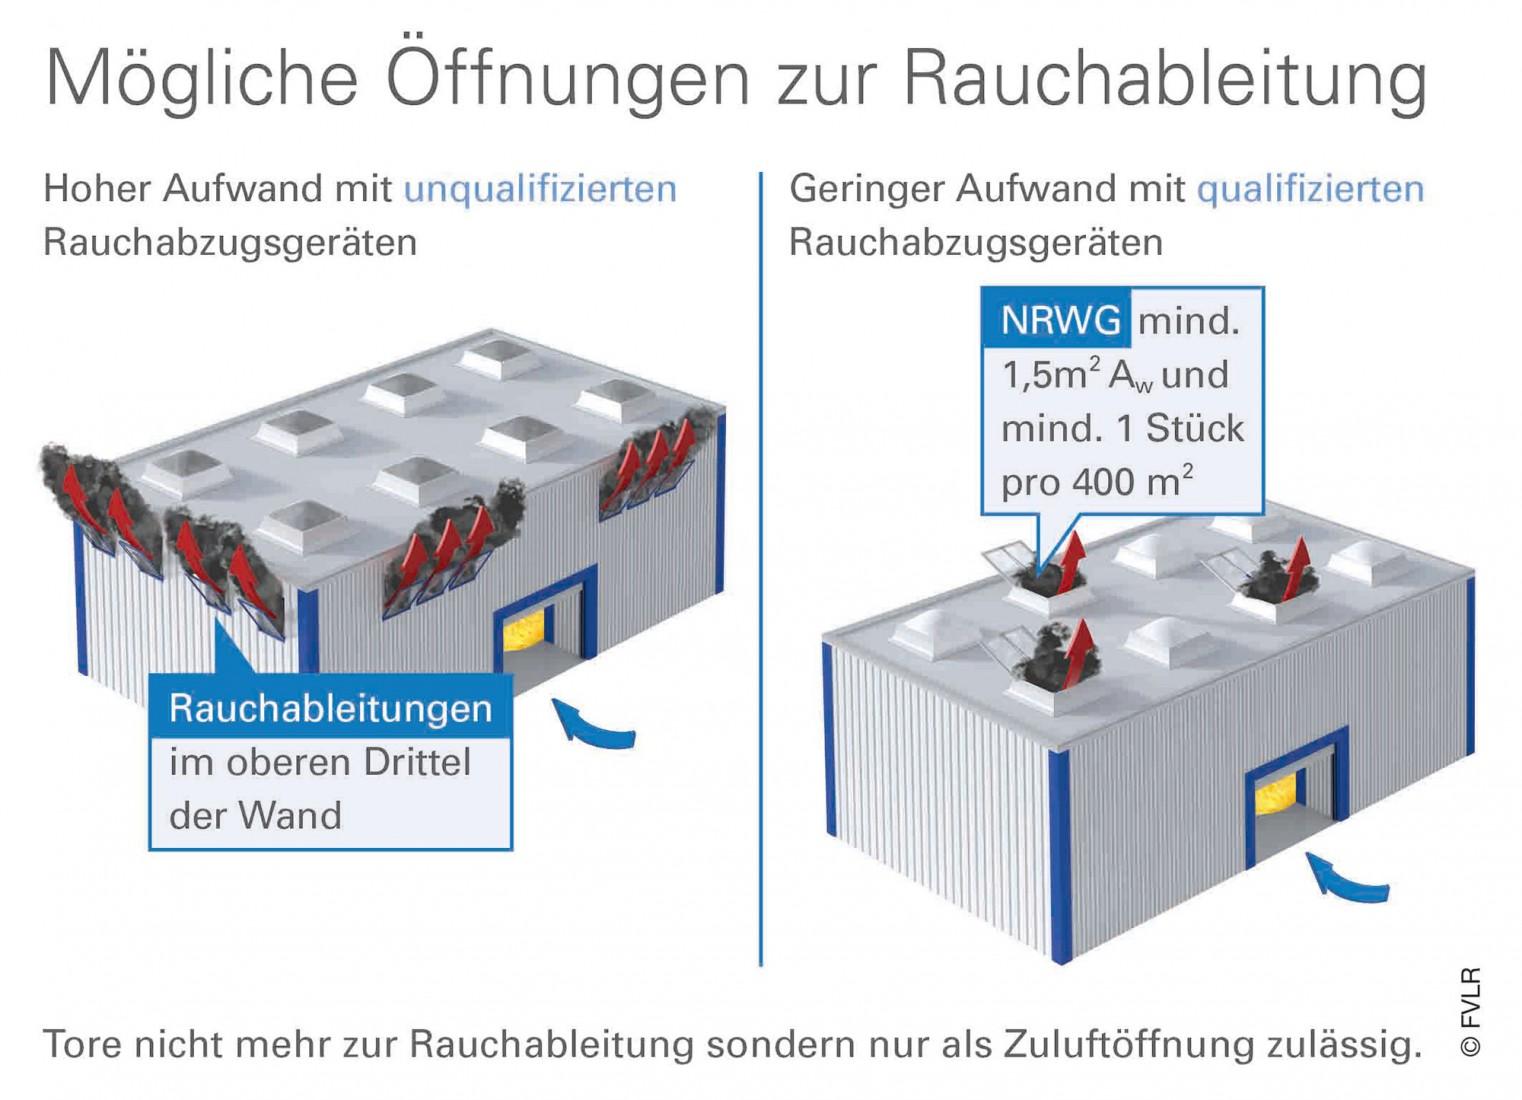 Grafik: FVLR Fachverband Tageslicht und Rauchschutz e.V.